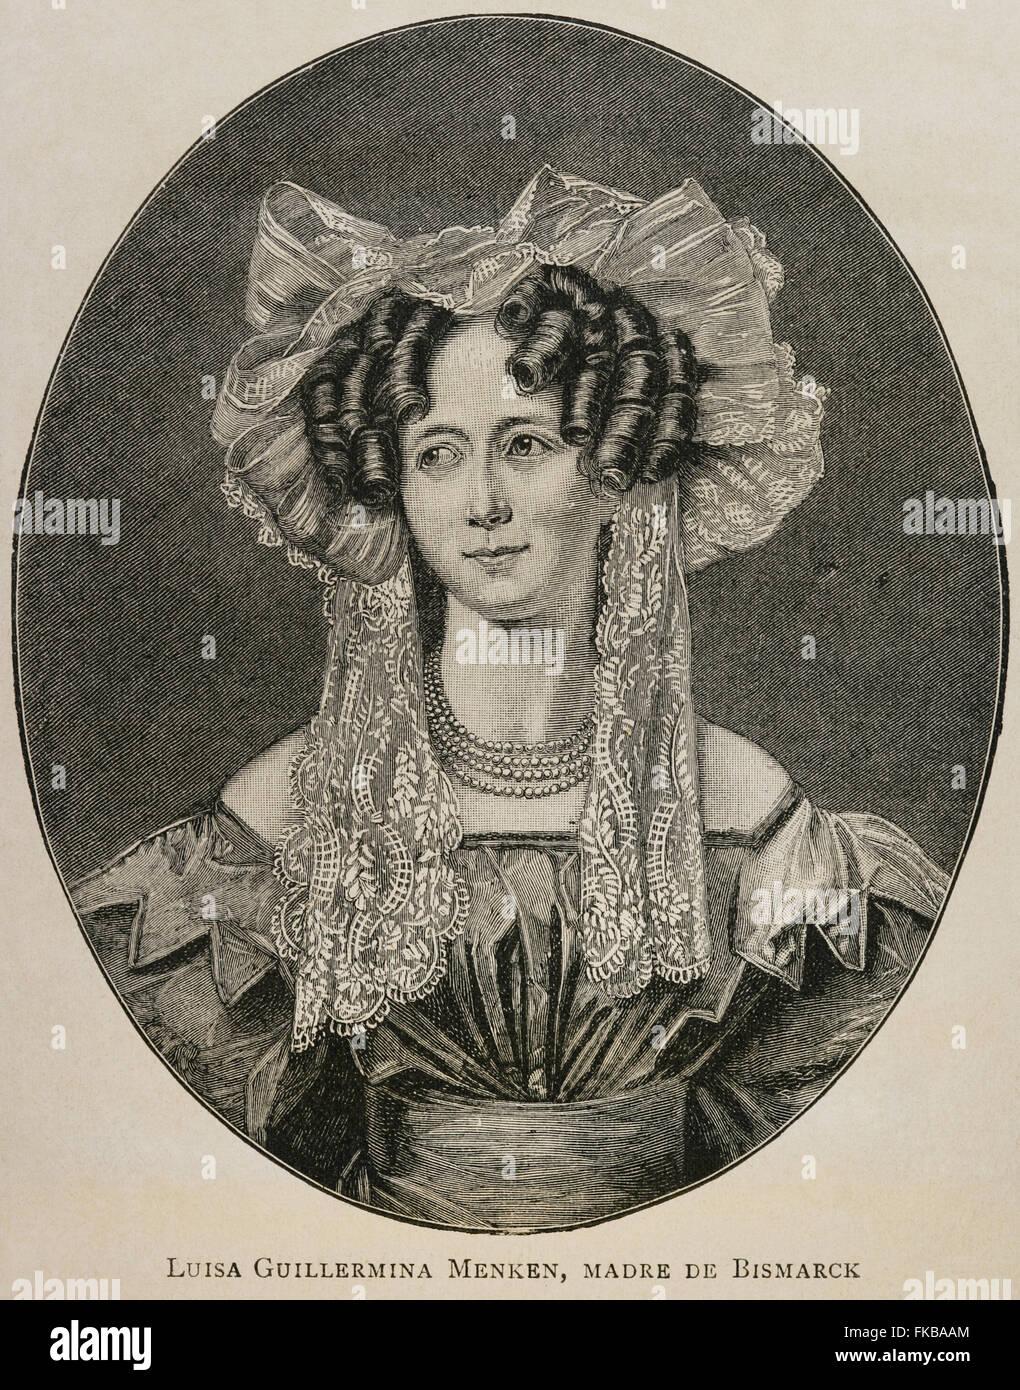 Luise Wilhelmine Mencken (19th century). Mother of Otto von Bismarck (1815-1898). Portrait. Engraving. Historia - Stock Image